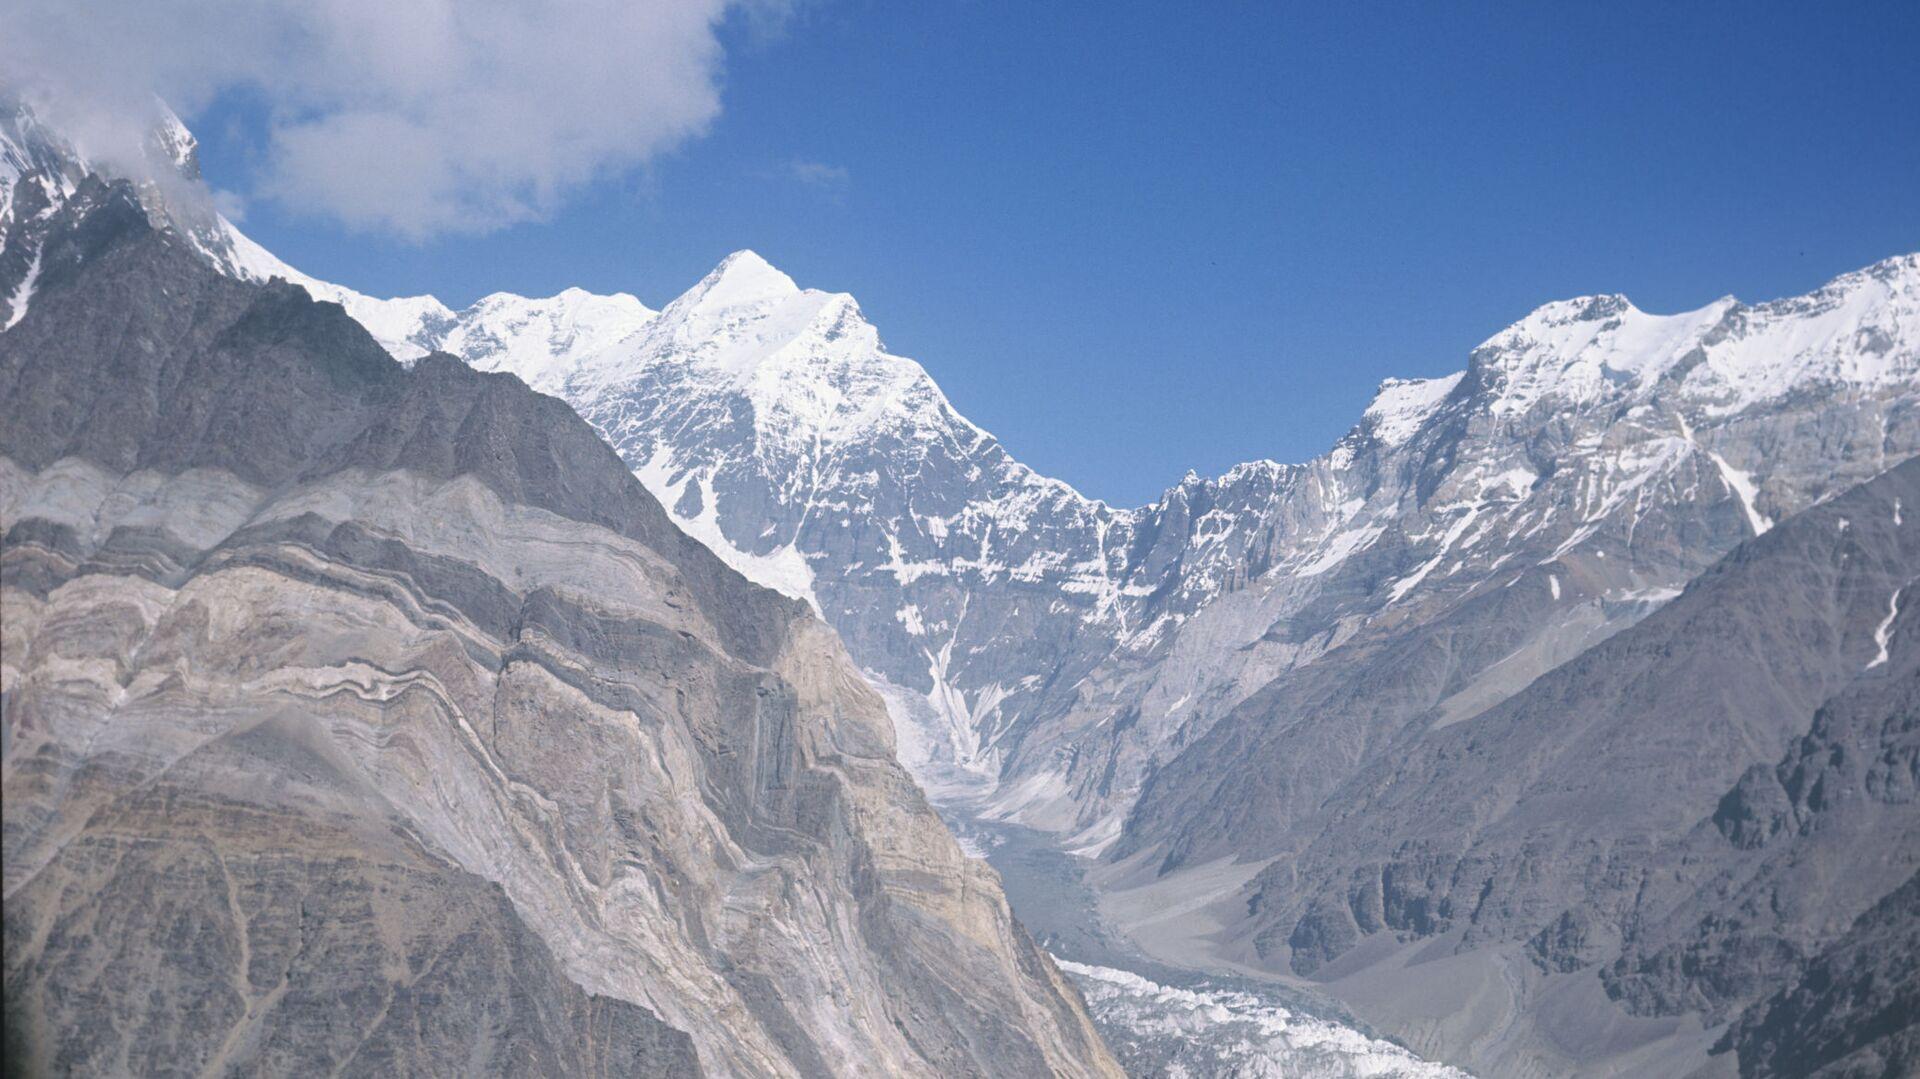 Il ghiacciaio Kalinin e, sullo sfondo, la vetta del Picco del Comunismo (dal 1998 Picco Somoni) 7495 metri, Pamir - Tagikistan  - Sputnik Italia, 1920, 10.07.2021